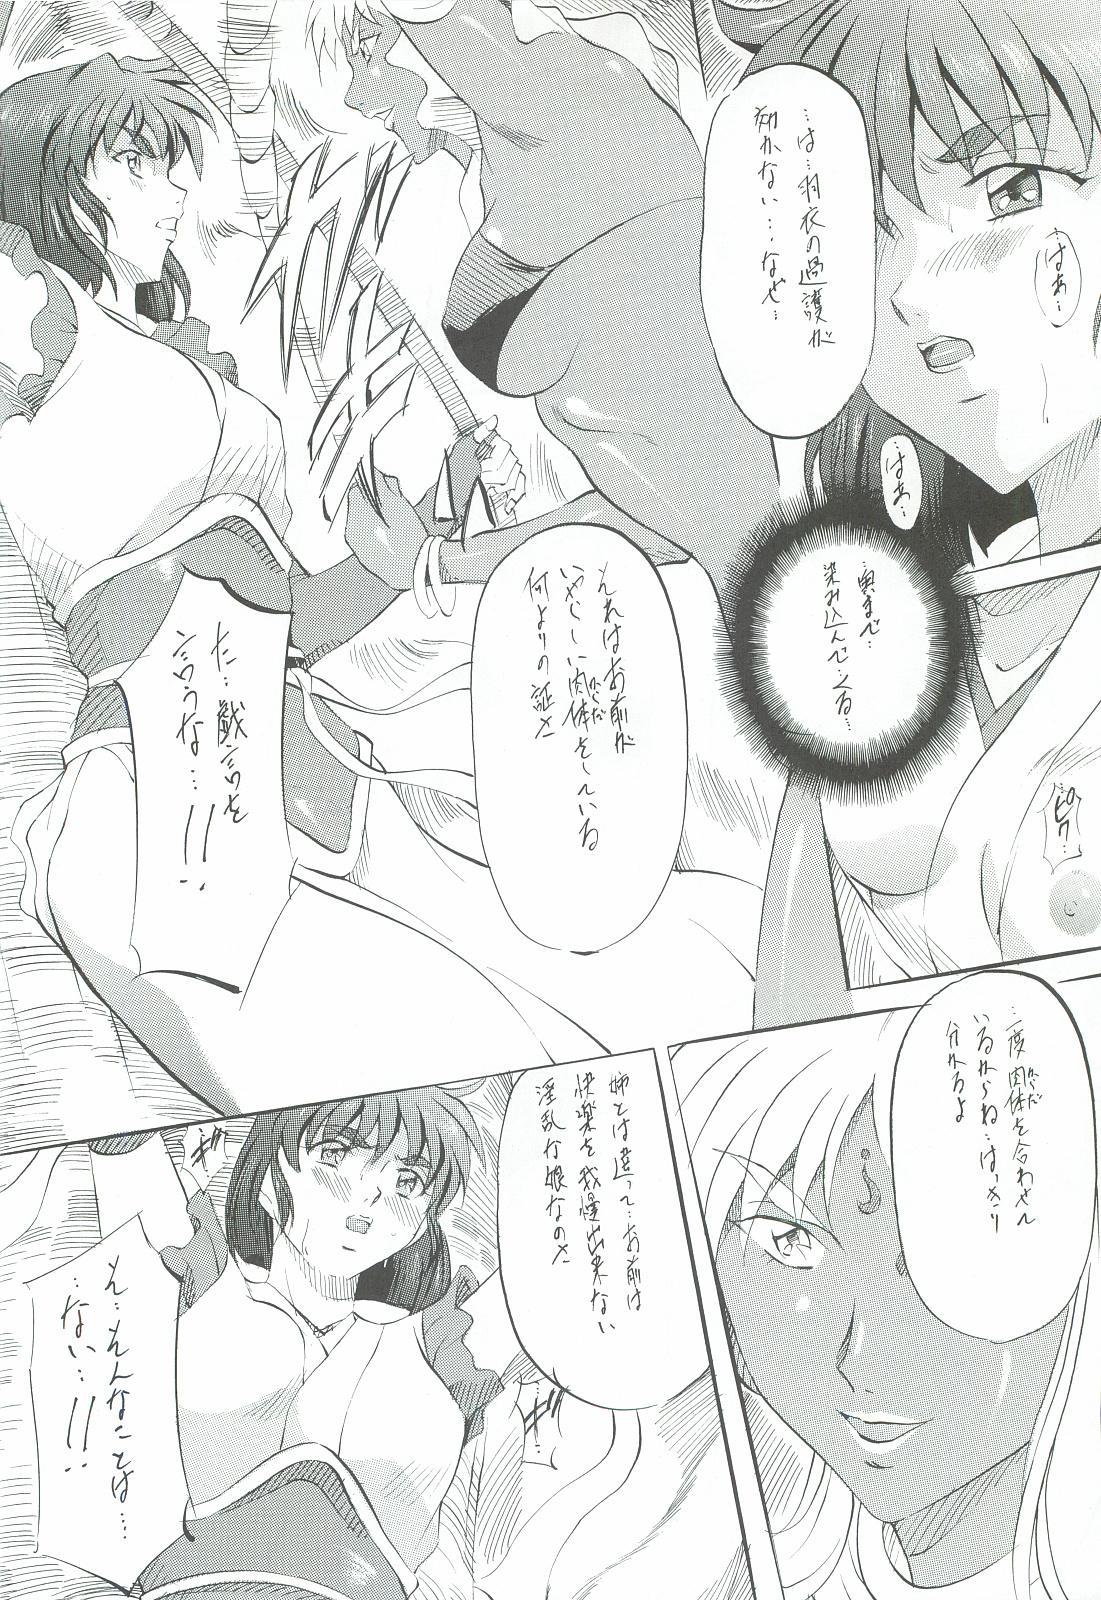 Ai & Mai Gaiden - Kishin Fukkatsu no Shou 36